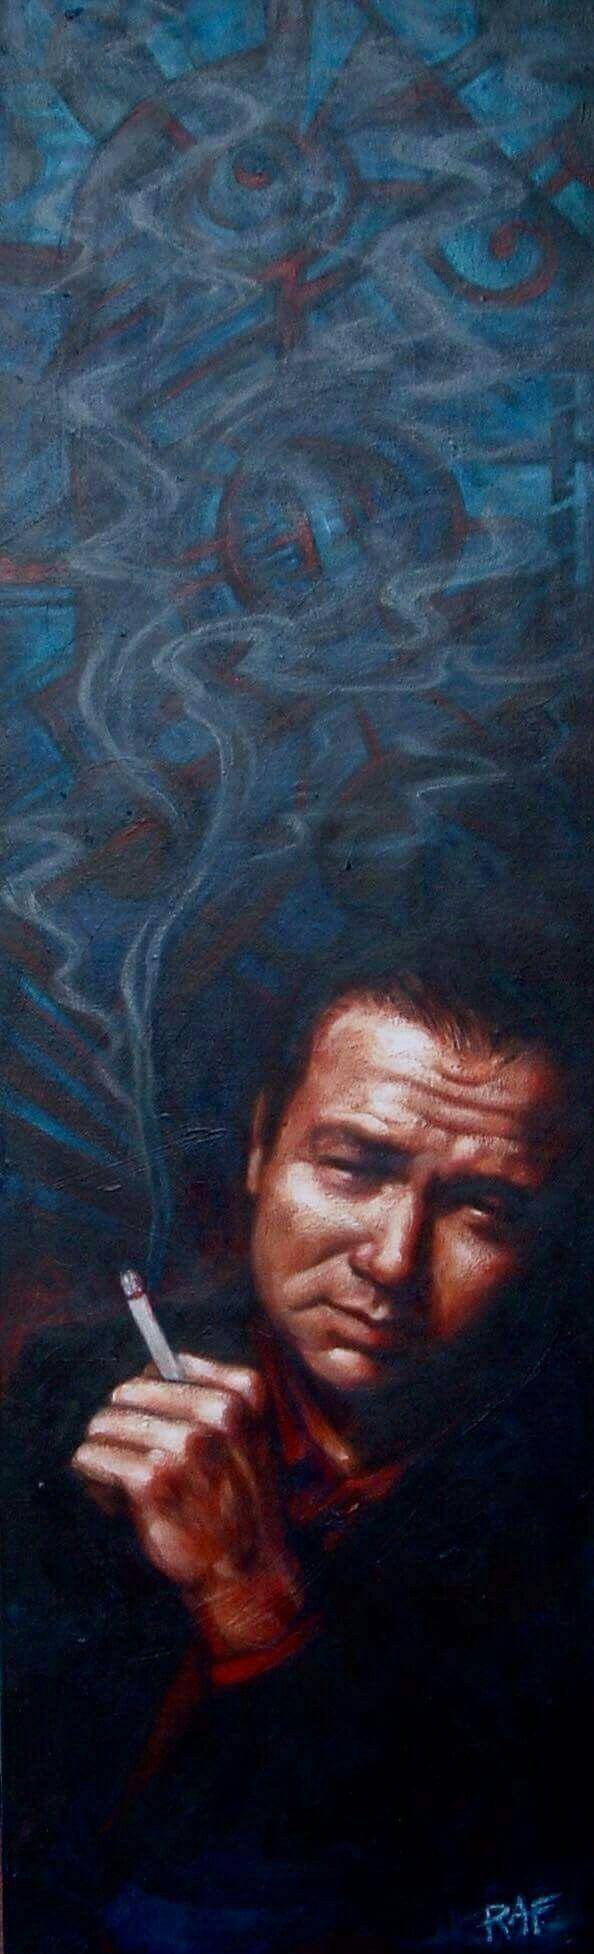 Bill Hicks. Oil on canvas